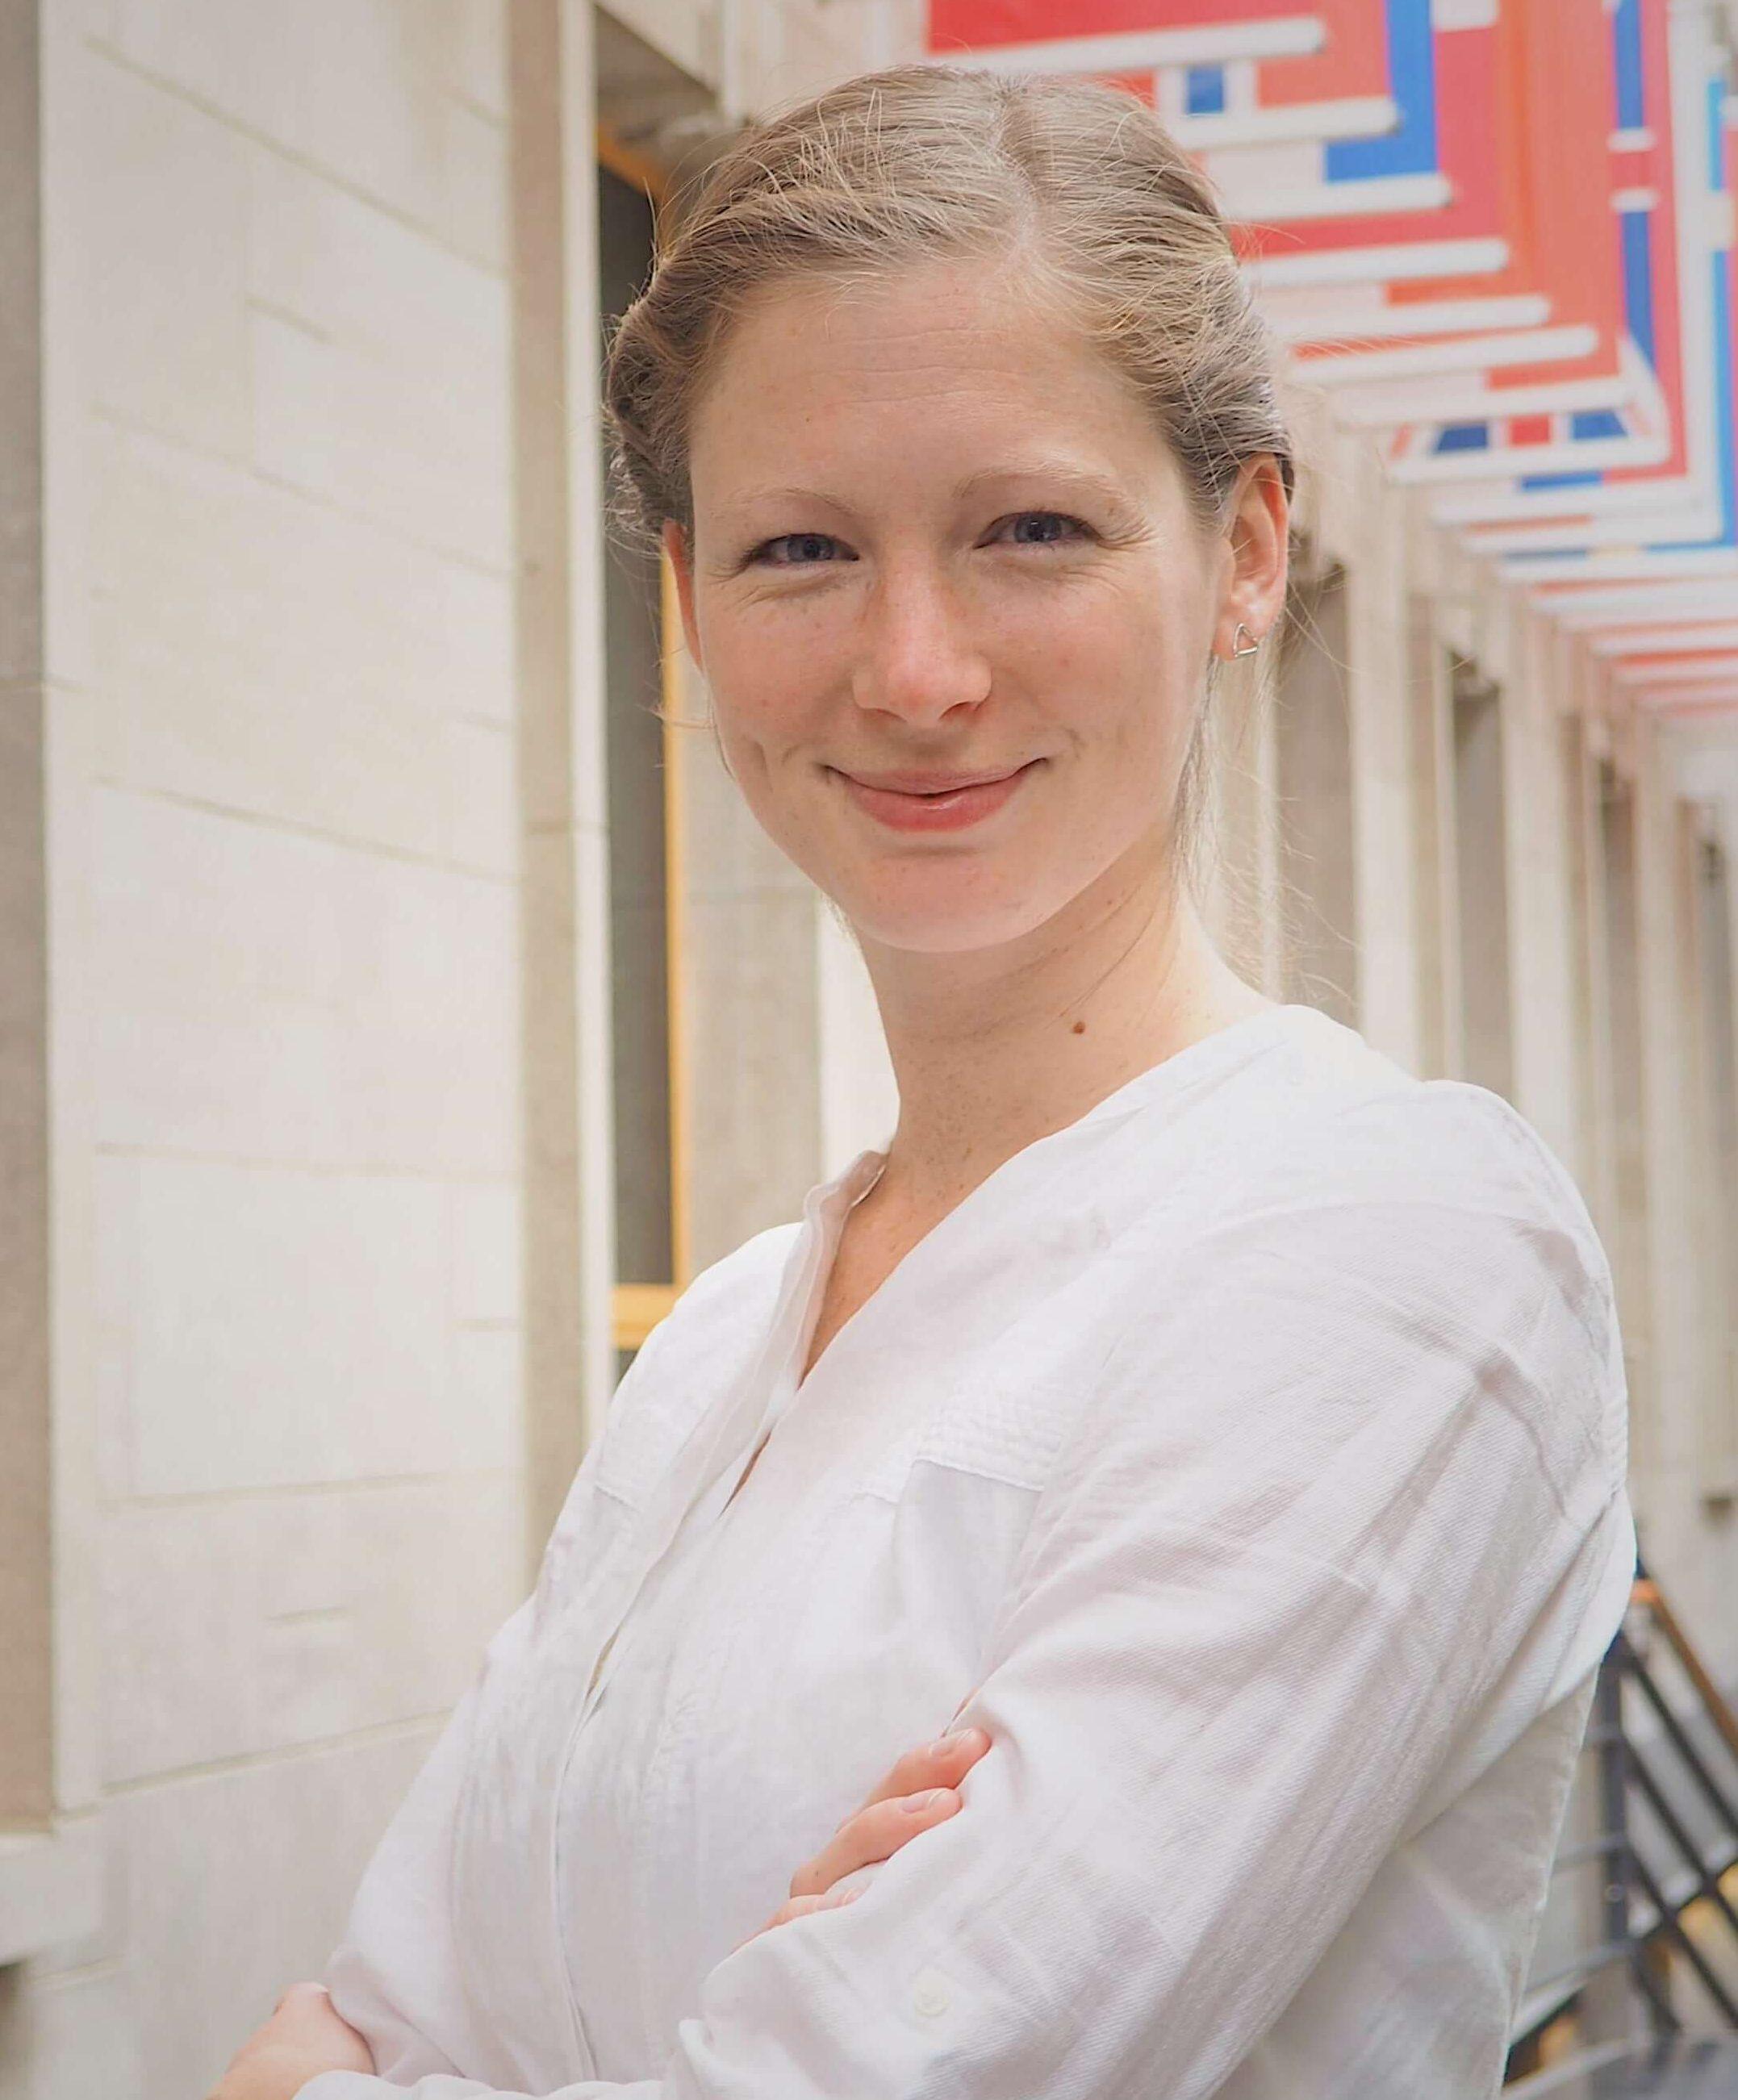 Katherine Robitaille